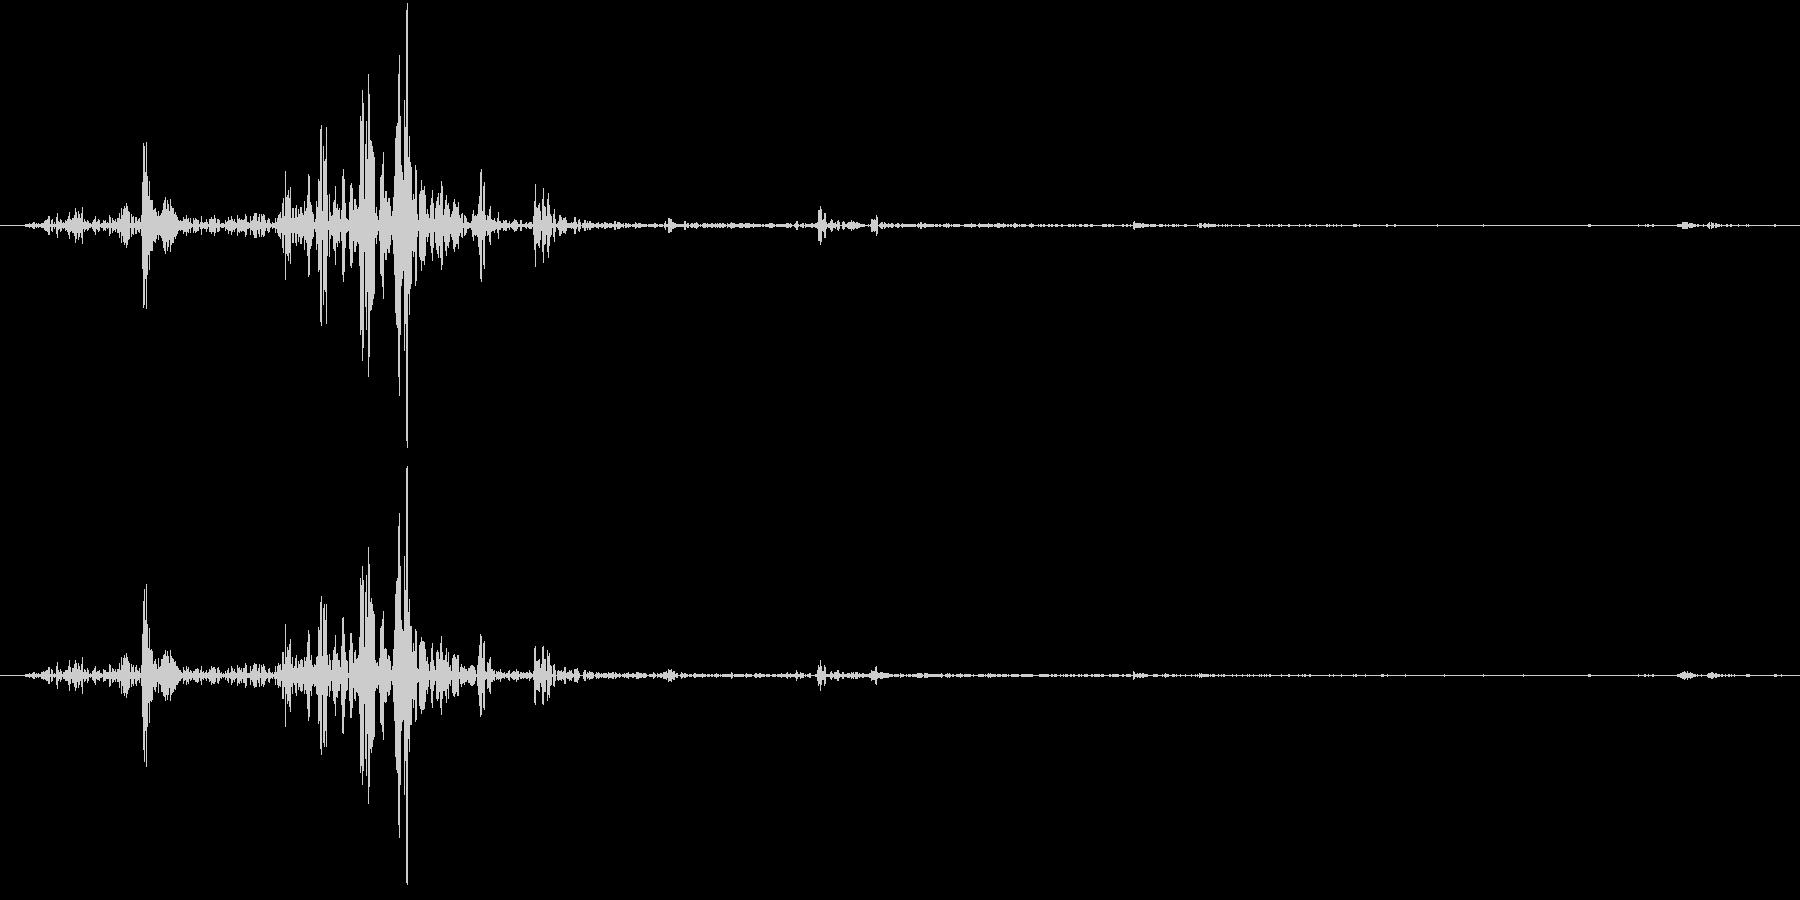 Tap ベチャッとした質感のタップ音 1の未再生の波形